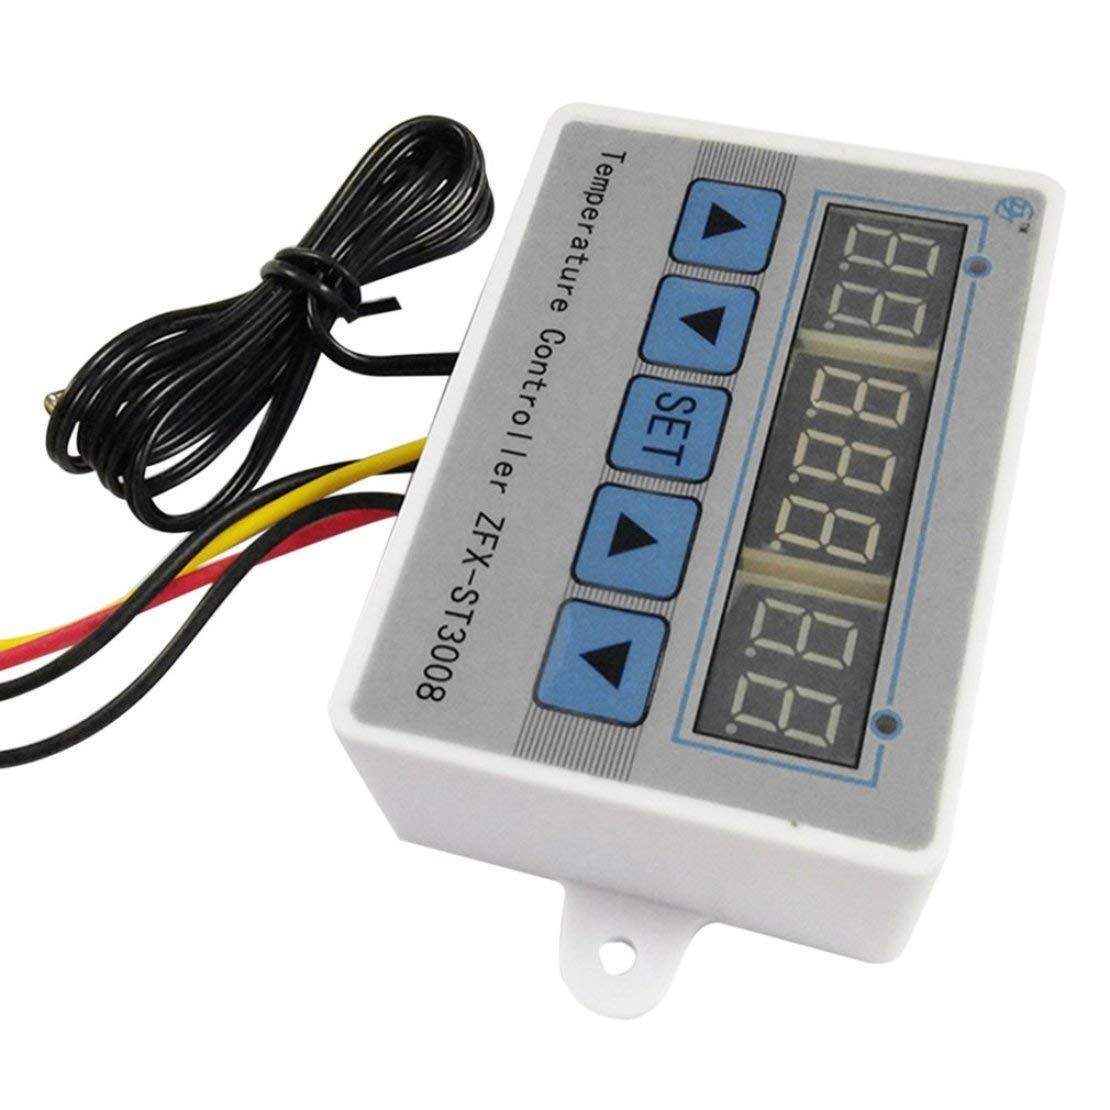 ZFX-ST3008 Interruptor de Control de Temperatura multifunci/ón Controlador de Temperatura termostato Digital Inteligente Tres Pantalla